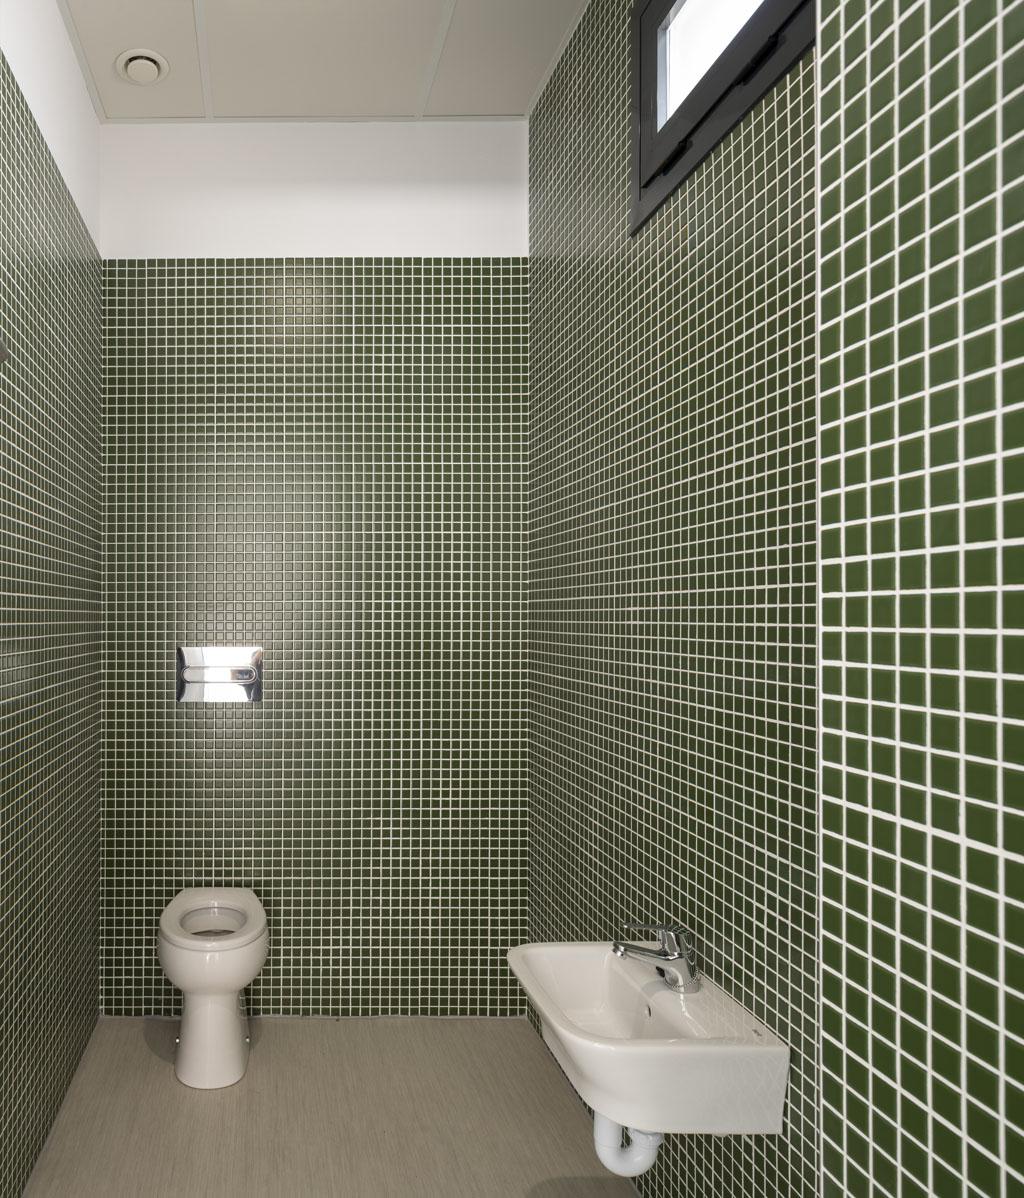 C.INFANTIL_WEB_35-Erlantz Biderbost fotografo de arquitectura e interiores